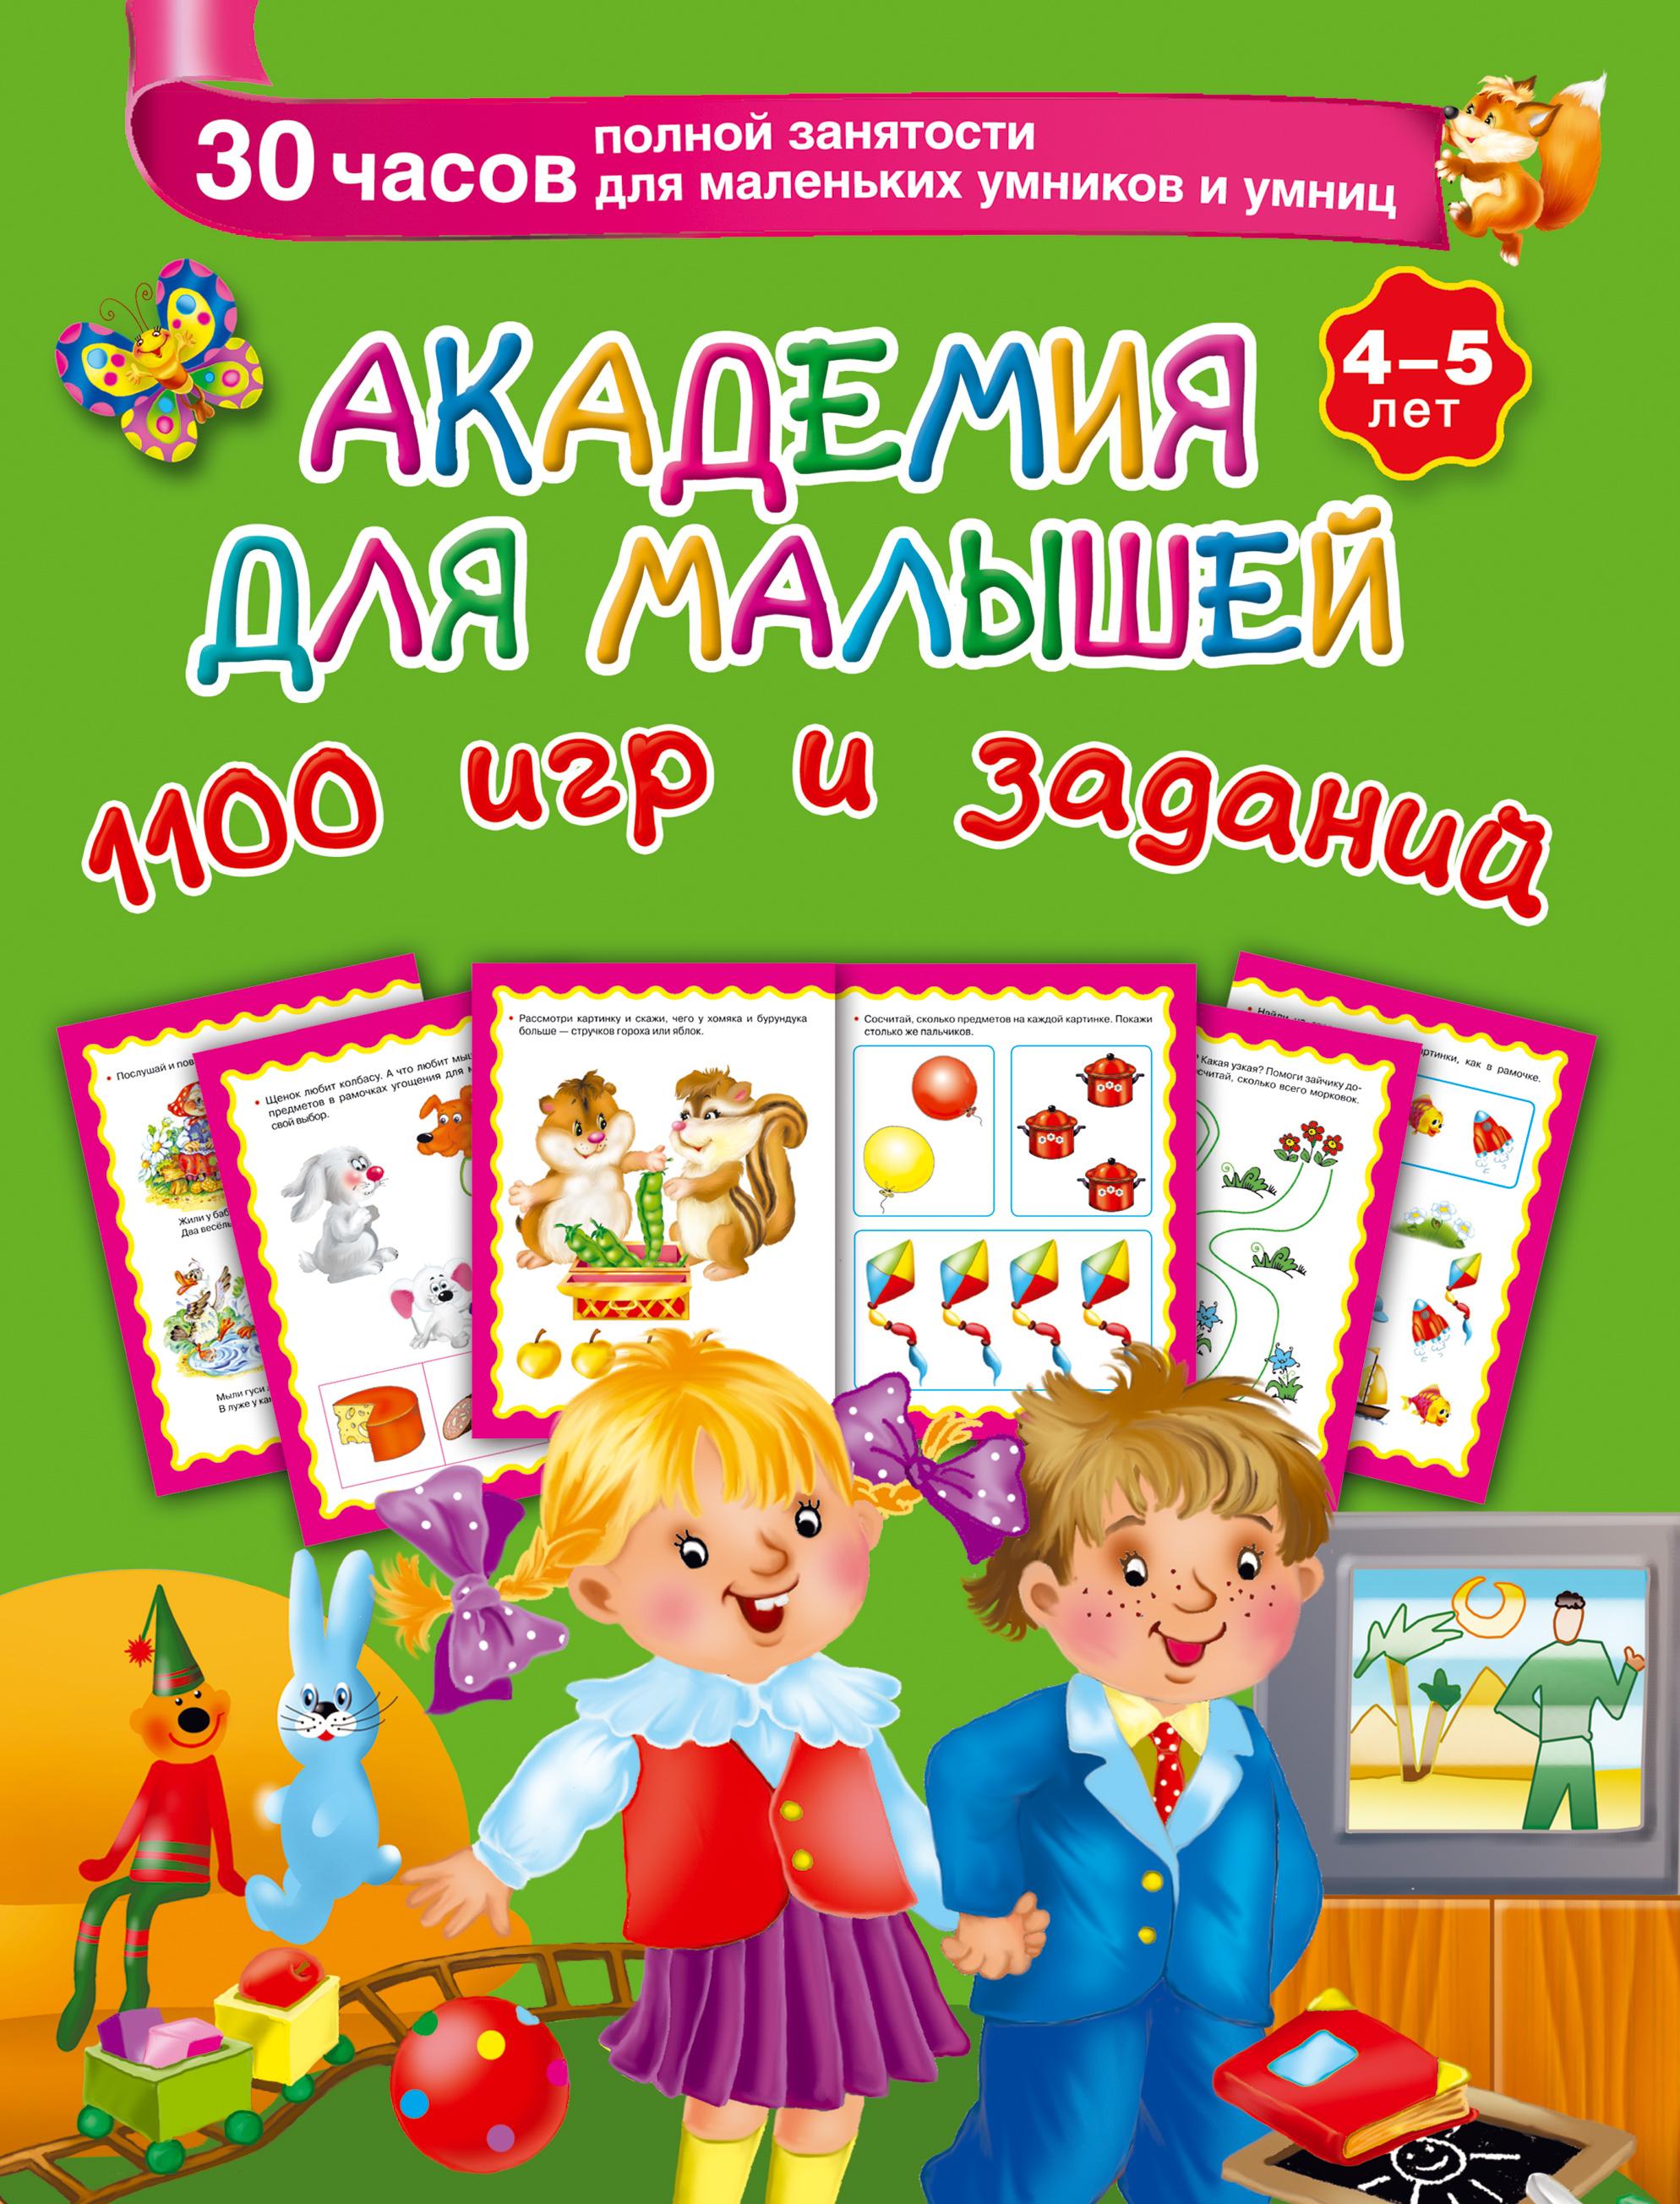 В. Г. Дмитриева Академия для малышей. 1100 игр и заданий. 4-5 лет дмитриева в академия для малышей 1100 игр и заданий 5 6 лет 30 часов полной занятости для маленьких умников и умниц